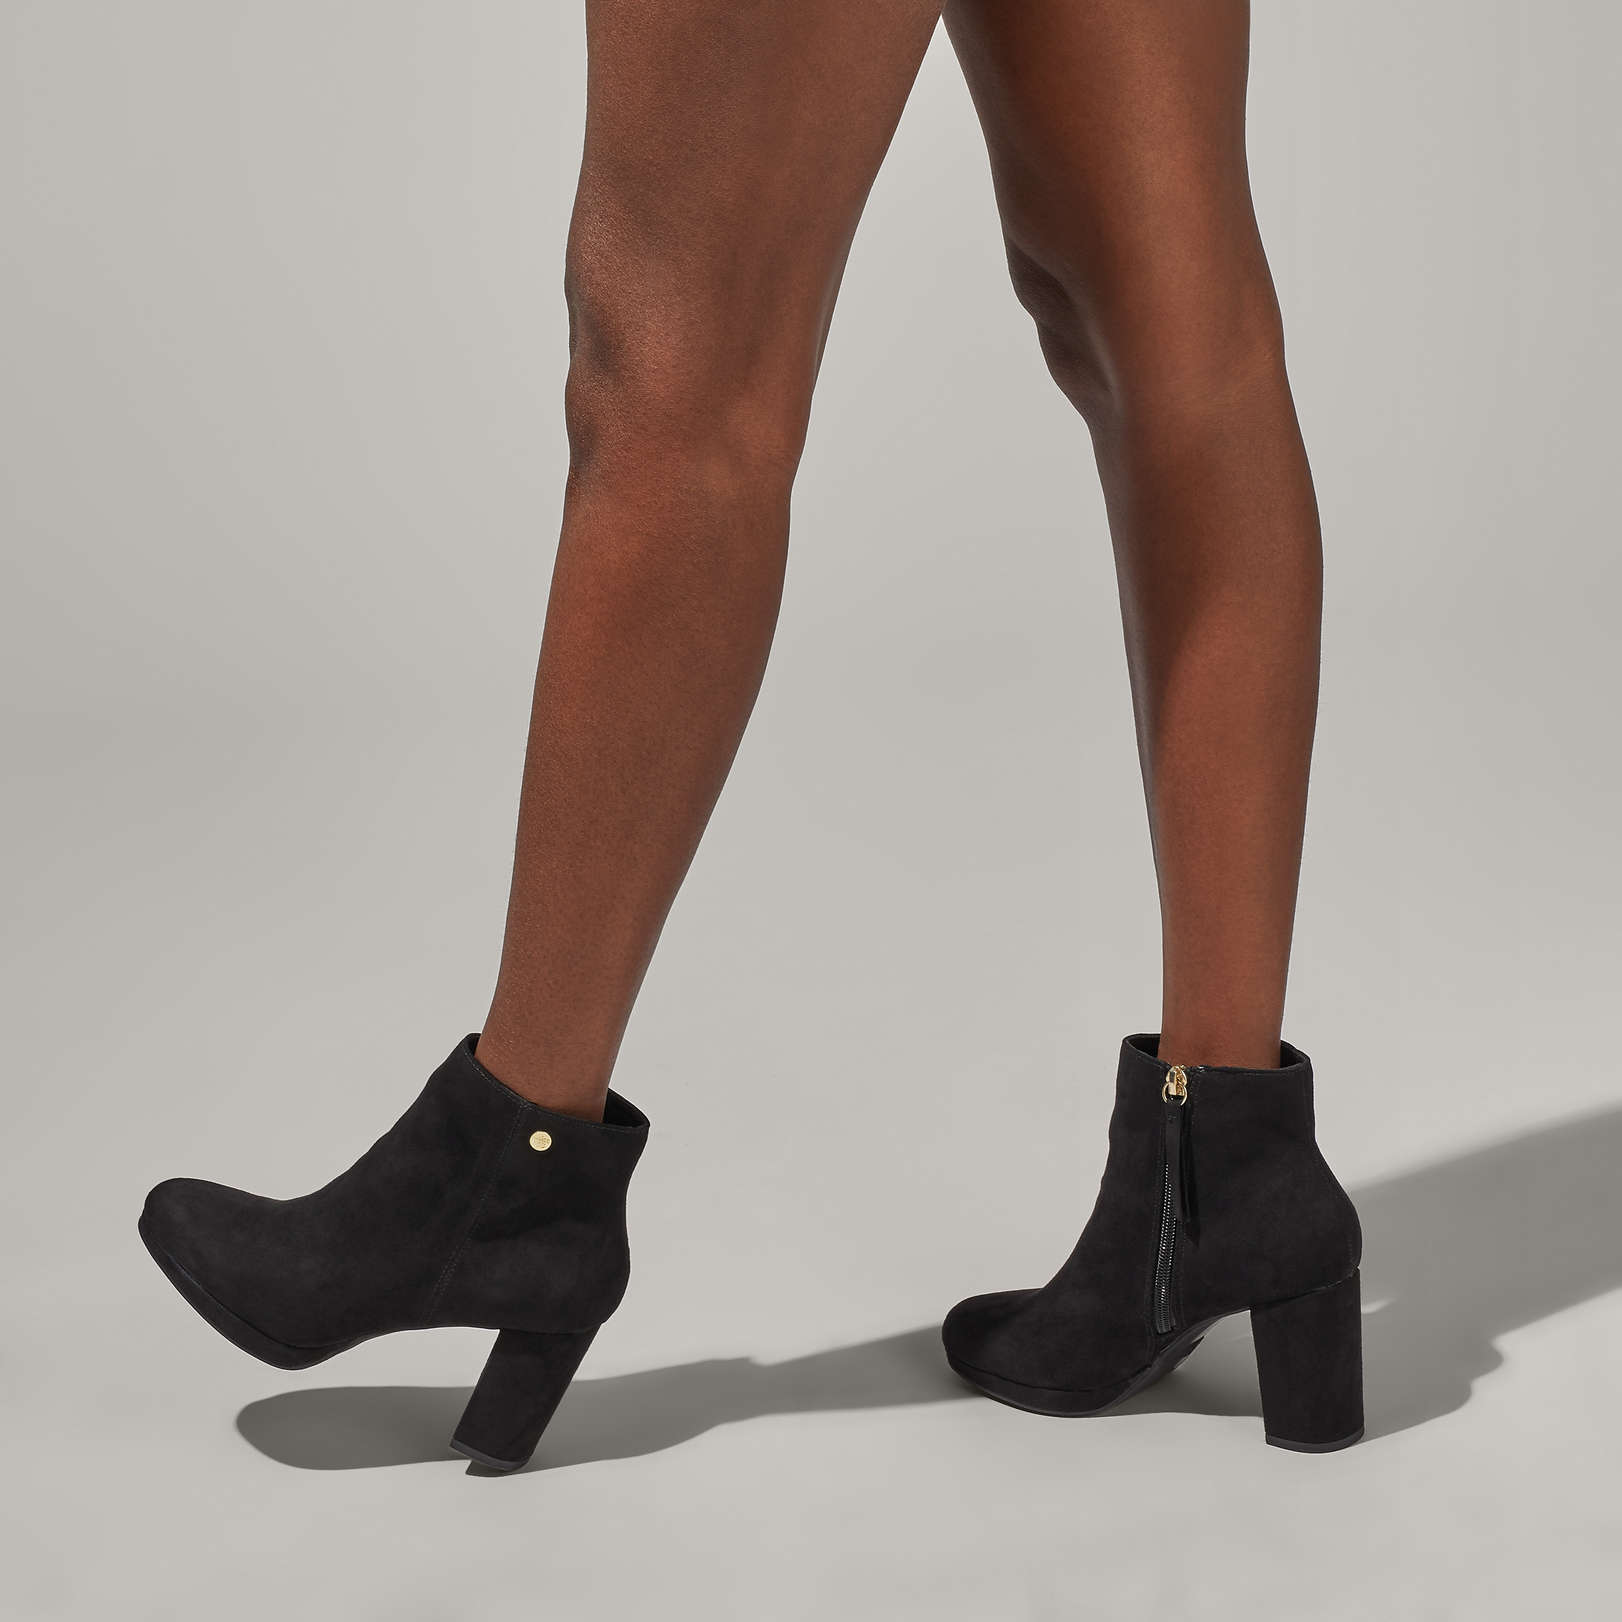 SHARLENE - MISS KG Ankle Boots